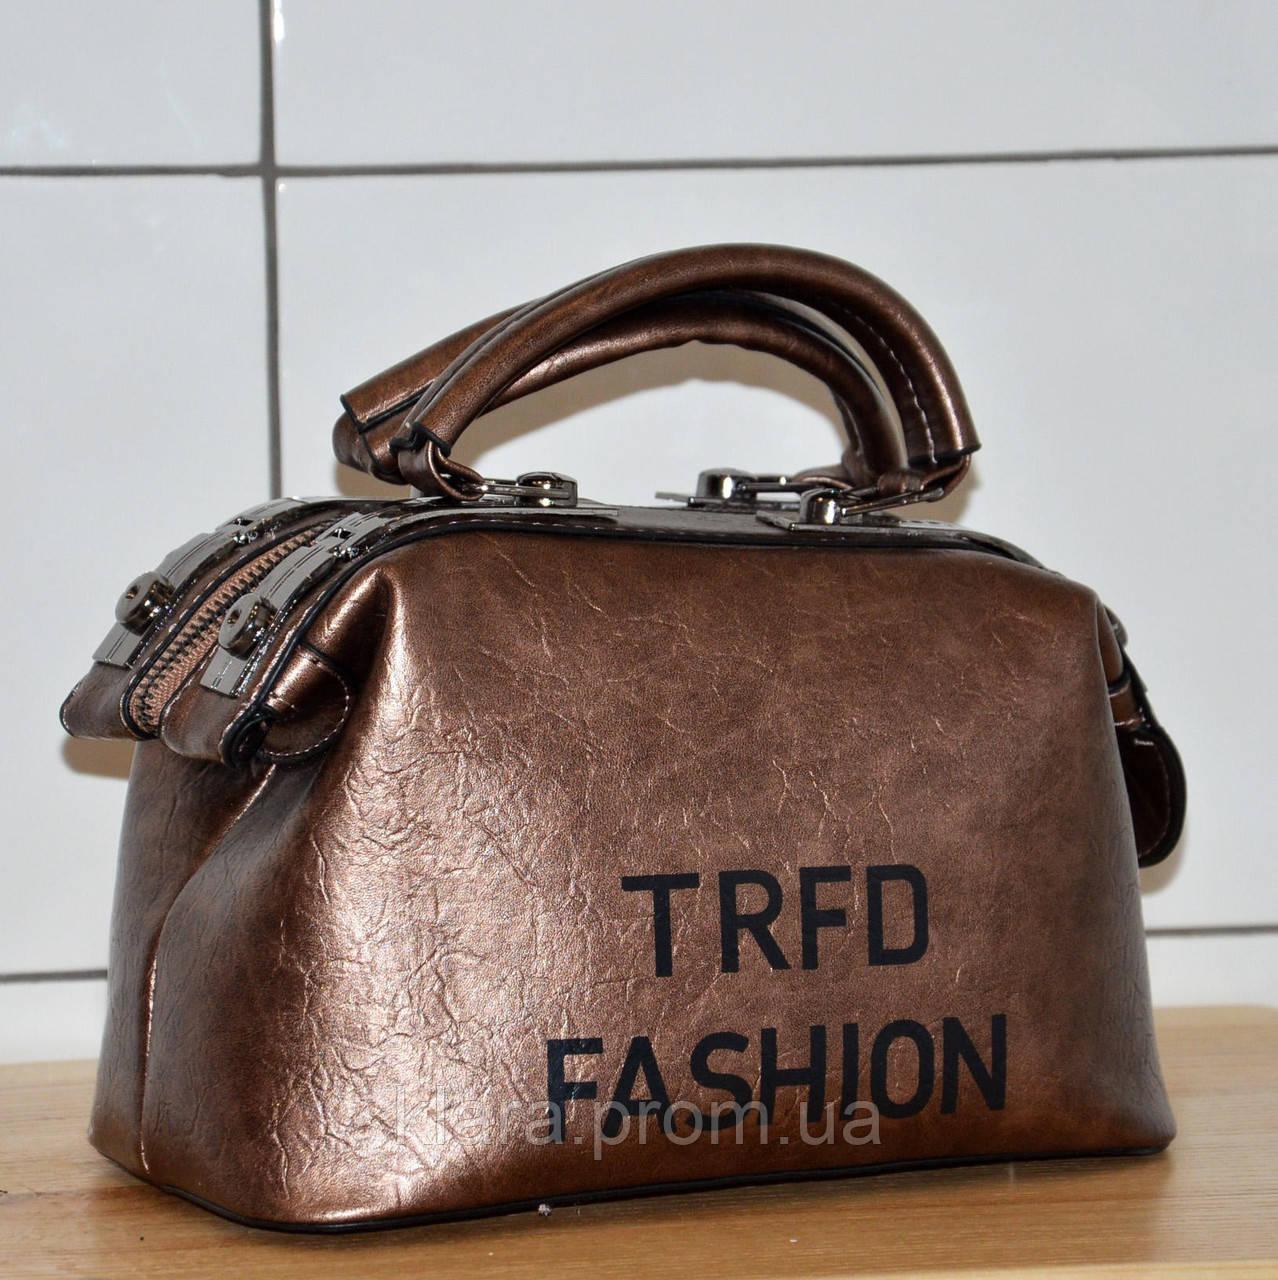 788a6496a2c9 Модная новинка-перламутровая коричневая женская сумка-саквояж, с ручками и  на плечевом ремнем